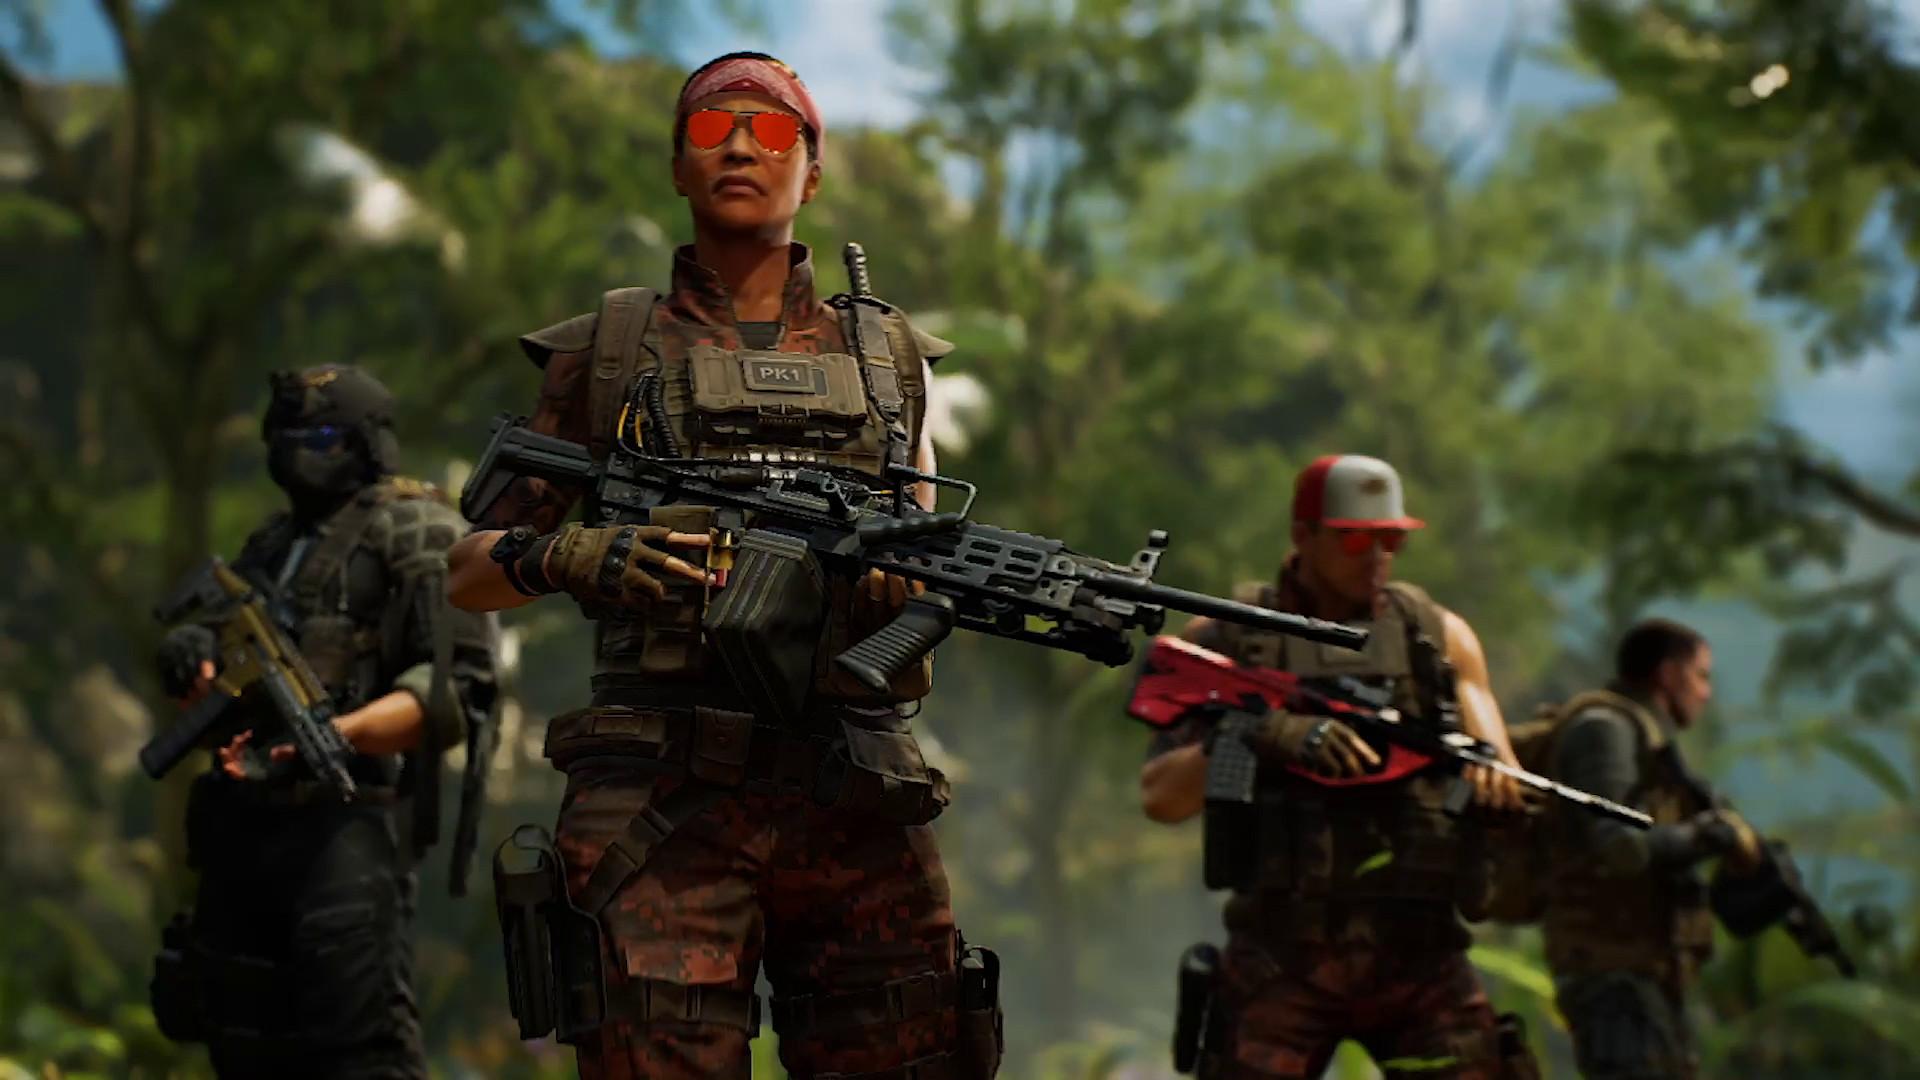 49697713538 4b908d5e9d k Fin de semana gratuito, prueba Predator: Hunting Grounds antes de su estreno